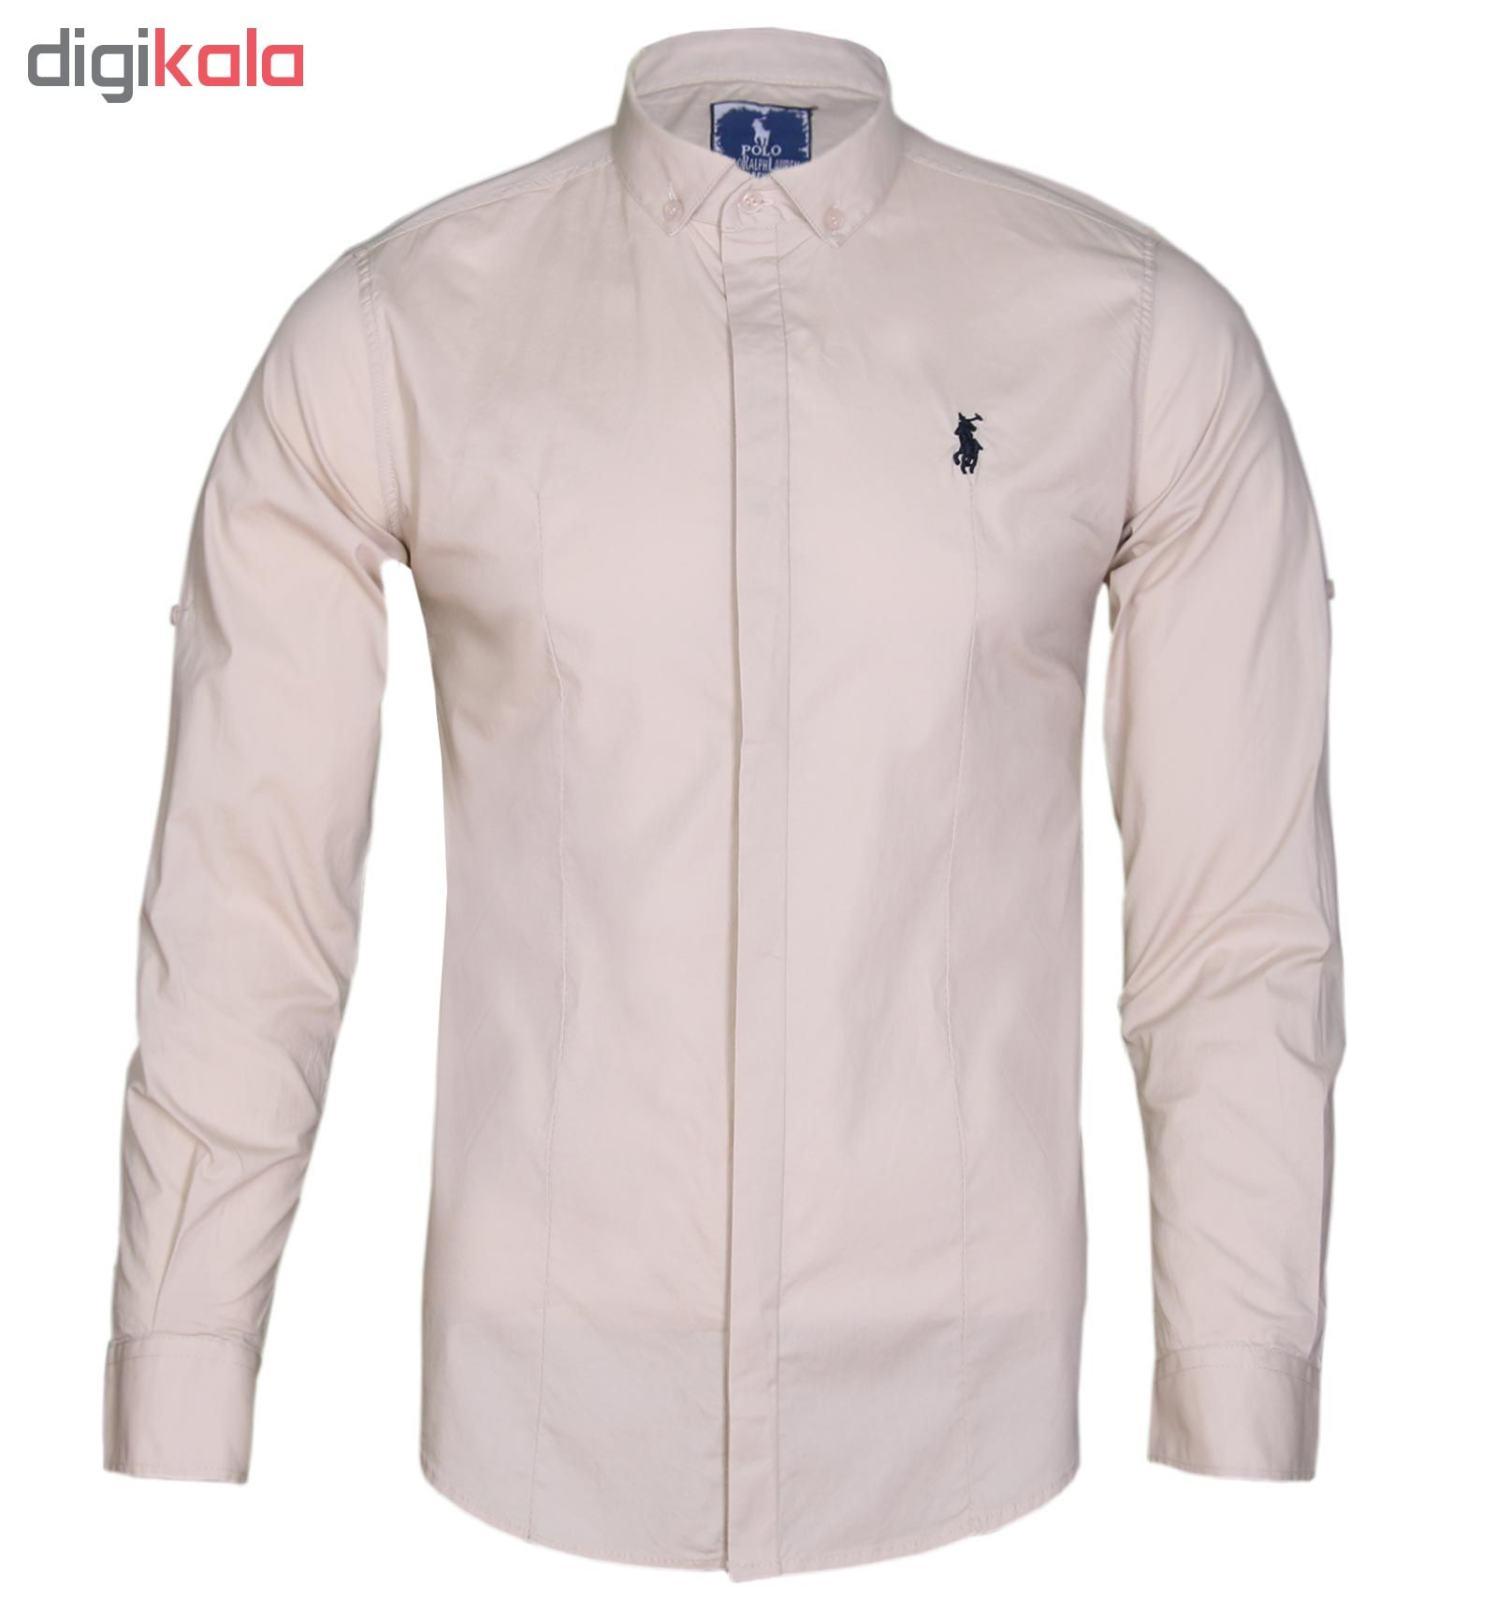 پیراهن مردانه کد 230068432 main 1 1